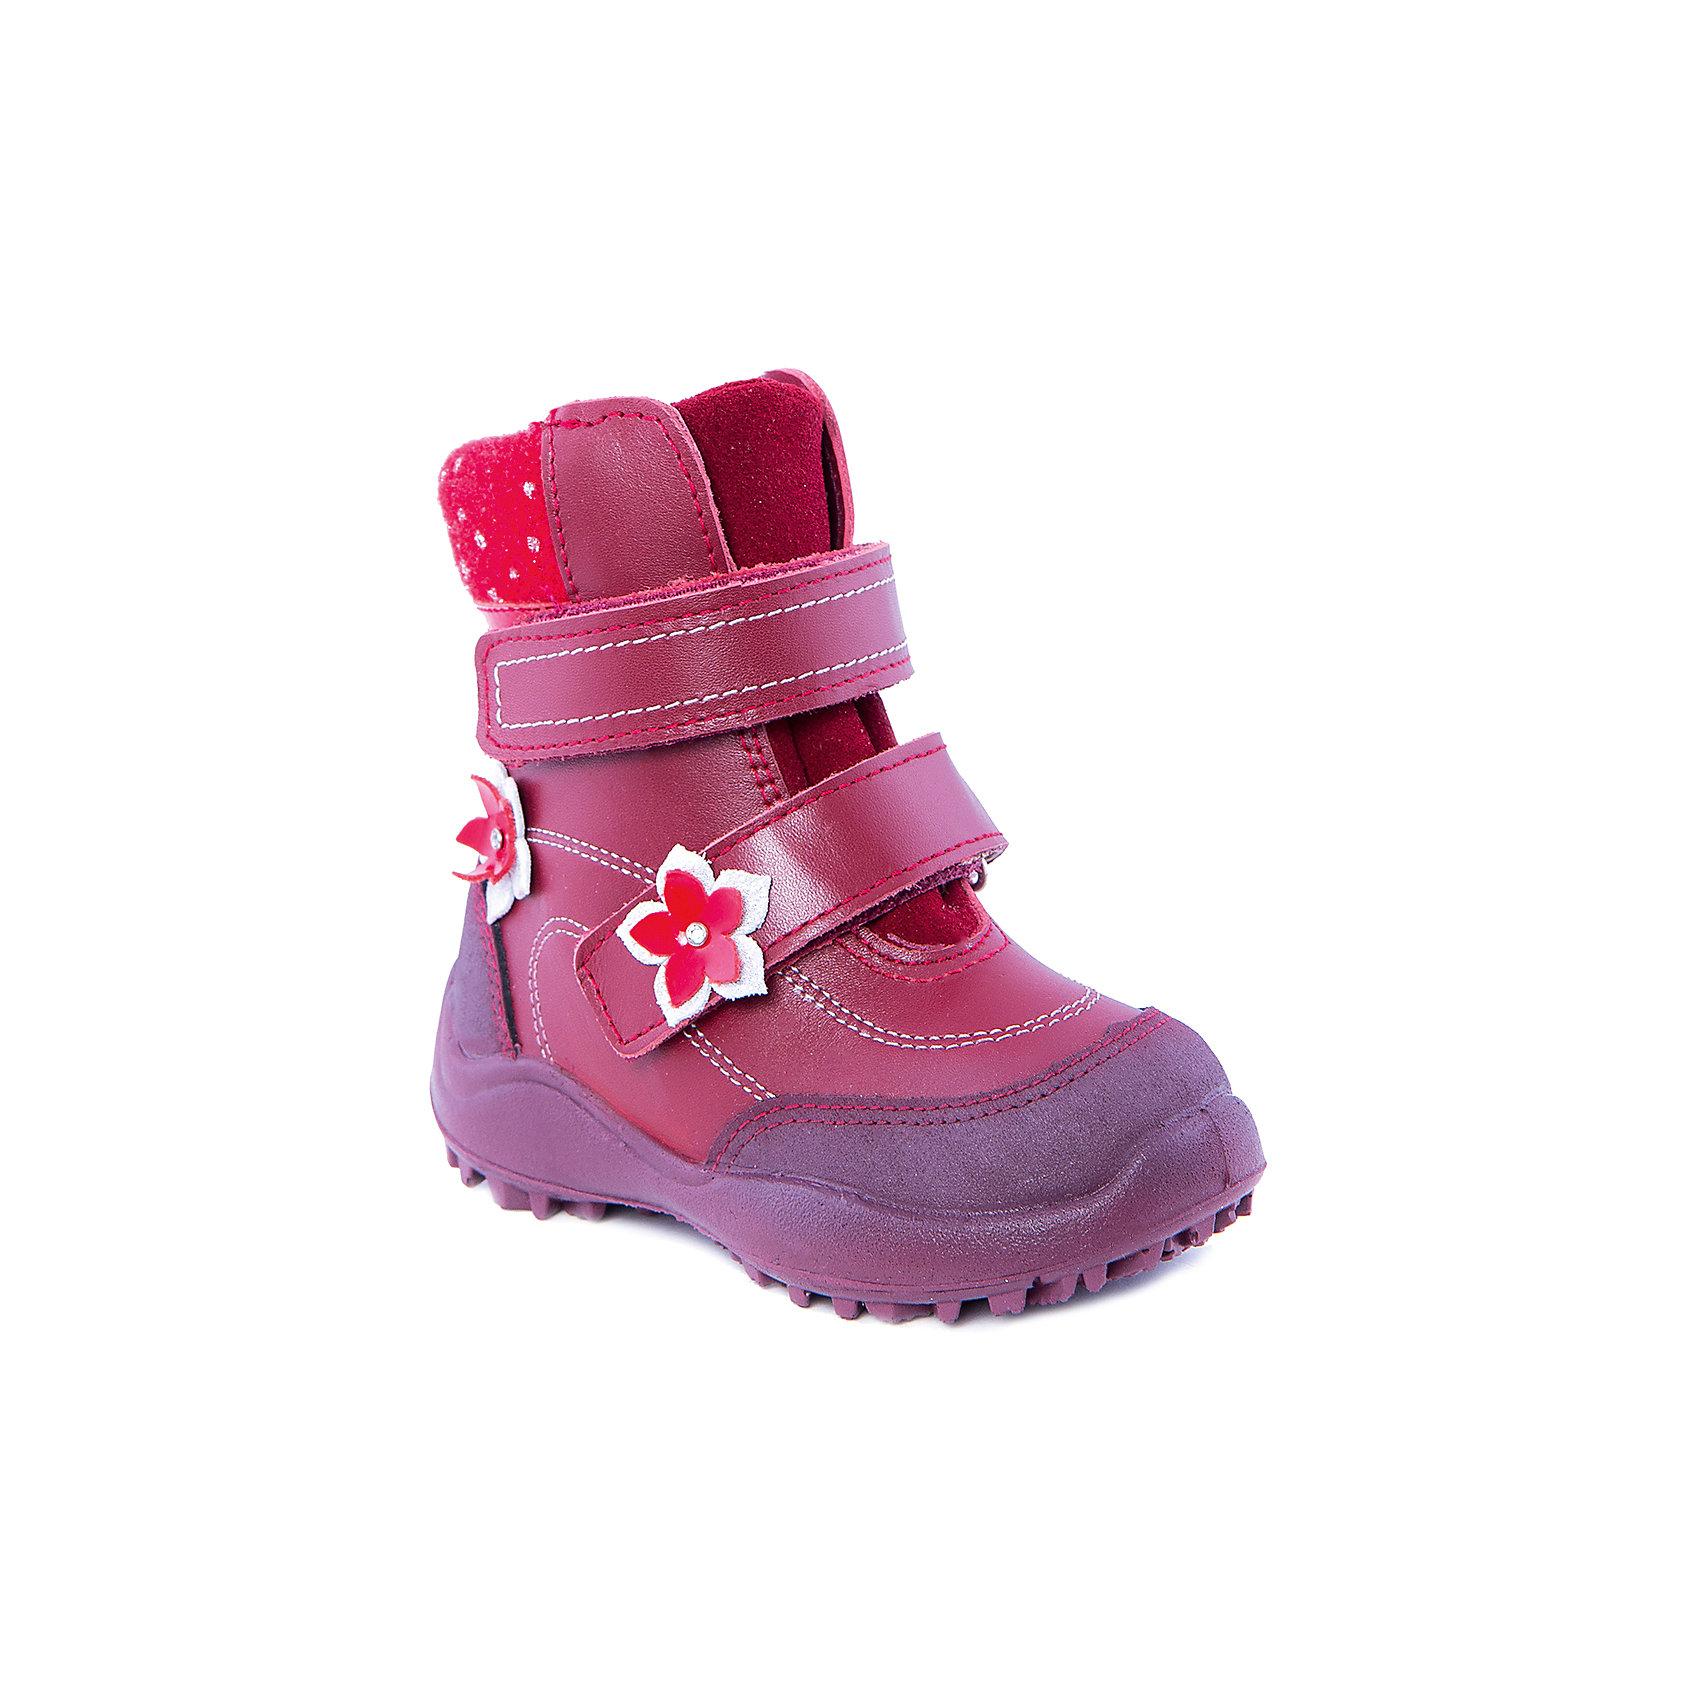 Ботинки для девочки КотофейБотинки для девочки от известного российского бренда Котофей<br><br>Модные теплые ботинки не только хорошо сидят на ноге - они легко надеваются благодаря удобной липучке. Эта модель создана с учетом особенностей развития детской стопы, поэтому все детали проработаны особенно тщательно.<br><br>Особенности модели: <br><br>- цвет - бордовый;<br>- стильный дизайн;<br>- внутри натуральный мех;<br>- верх – натуральная кожа;<br>- комфортная колодка;<br>- подкладка утепленная;<br>- вид крепления – литьевой;<br>- защита пальцев;<br>- амортизирующая устойчивая подошва;<br>- застежка - липучка.<br><br>Дополнительная информация:<br><br>Температурный режим: <br><br>от -25° С до 0° С<br><br>Состав:<br>верх – натуральная кожа;<br>подкладка - овчина;<br>подошва - ПУ;<br><br>Ботинки для девочки Котофей можно купить в нашем магазине.<br><br>Ширина мм: 262<br>Глубина мм: 176<br>Высота мм: 97<br>Вес г: 427<br>Цвет: бордовый<br>Возраст от месяцев: 24<br>Возраст до месяцев: 36<br>Пол: Женский<br>Возраст: Детский<br>Размер: 26,27,28,30,29,23,31,24,25<br>SKU: 4315313